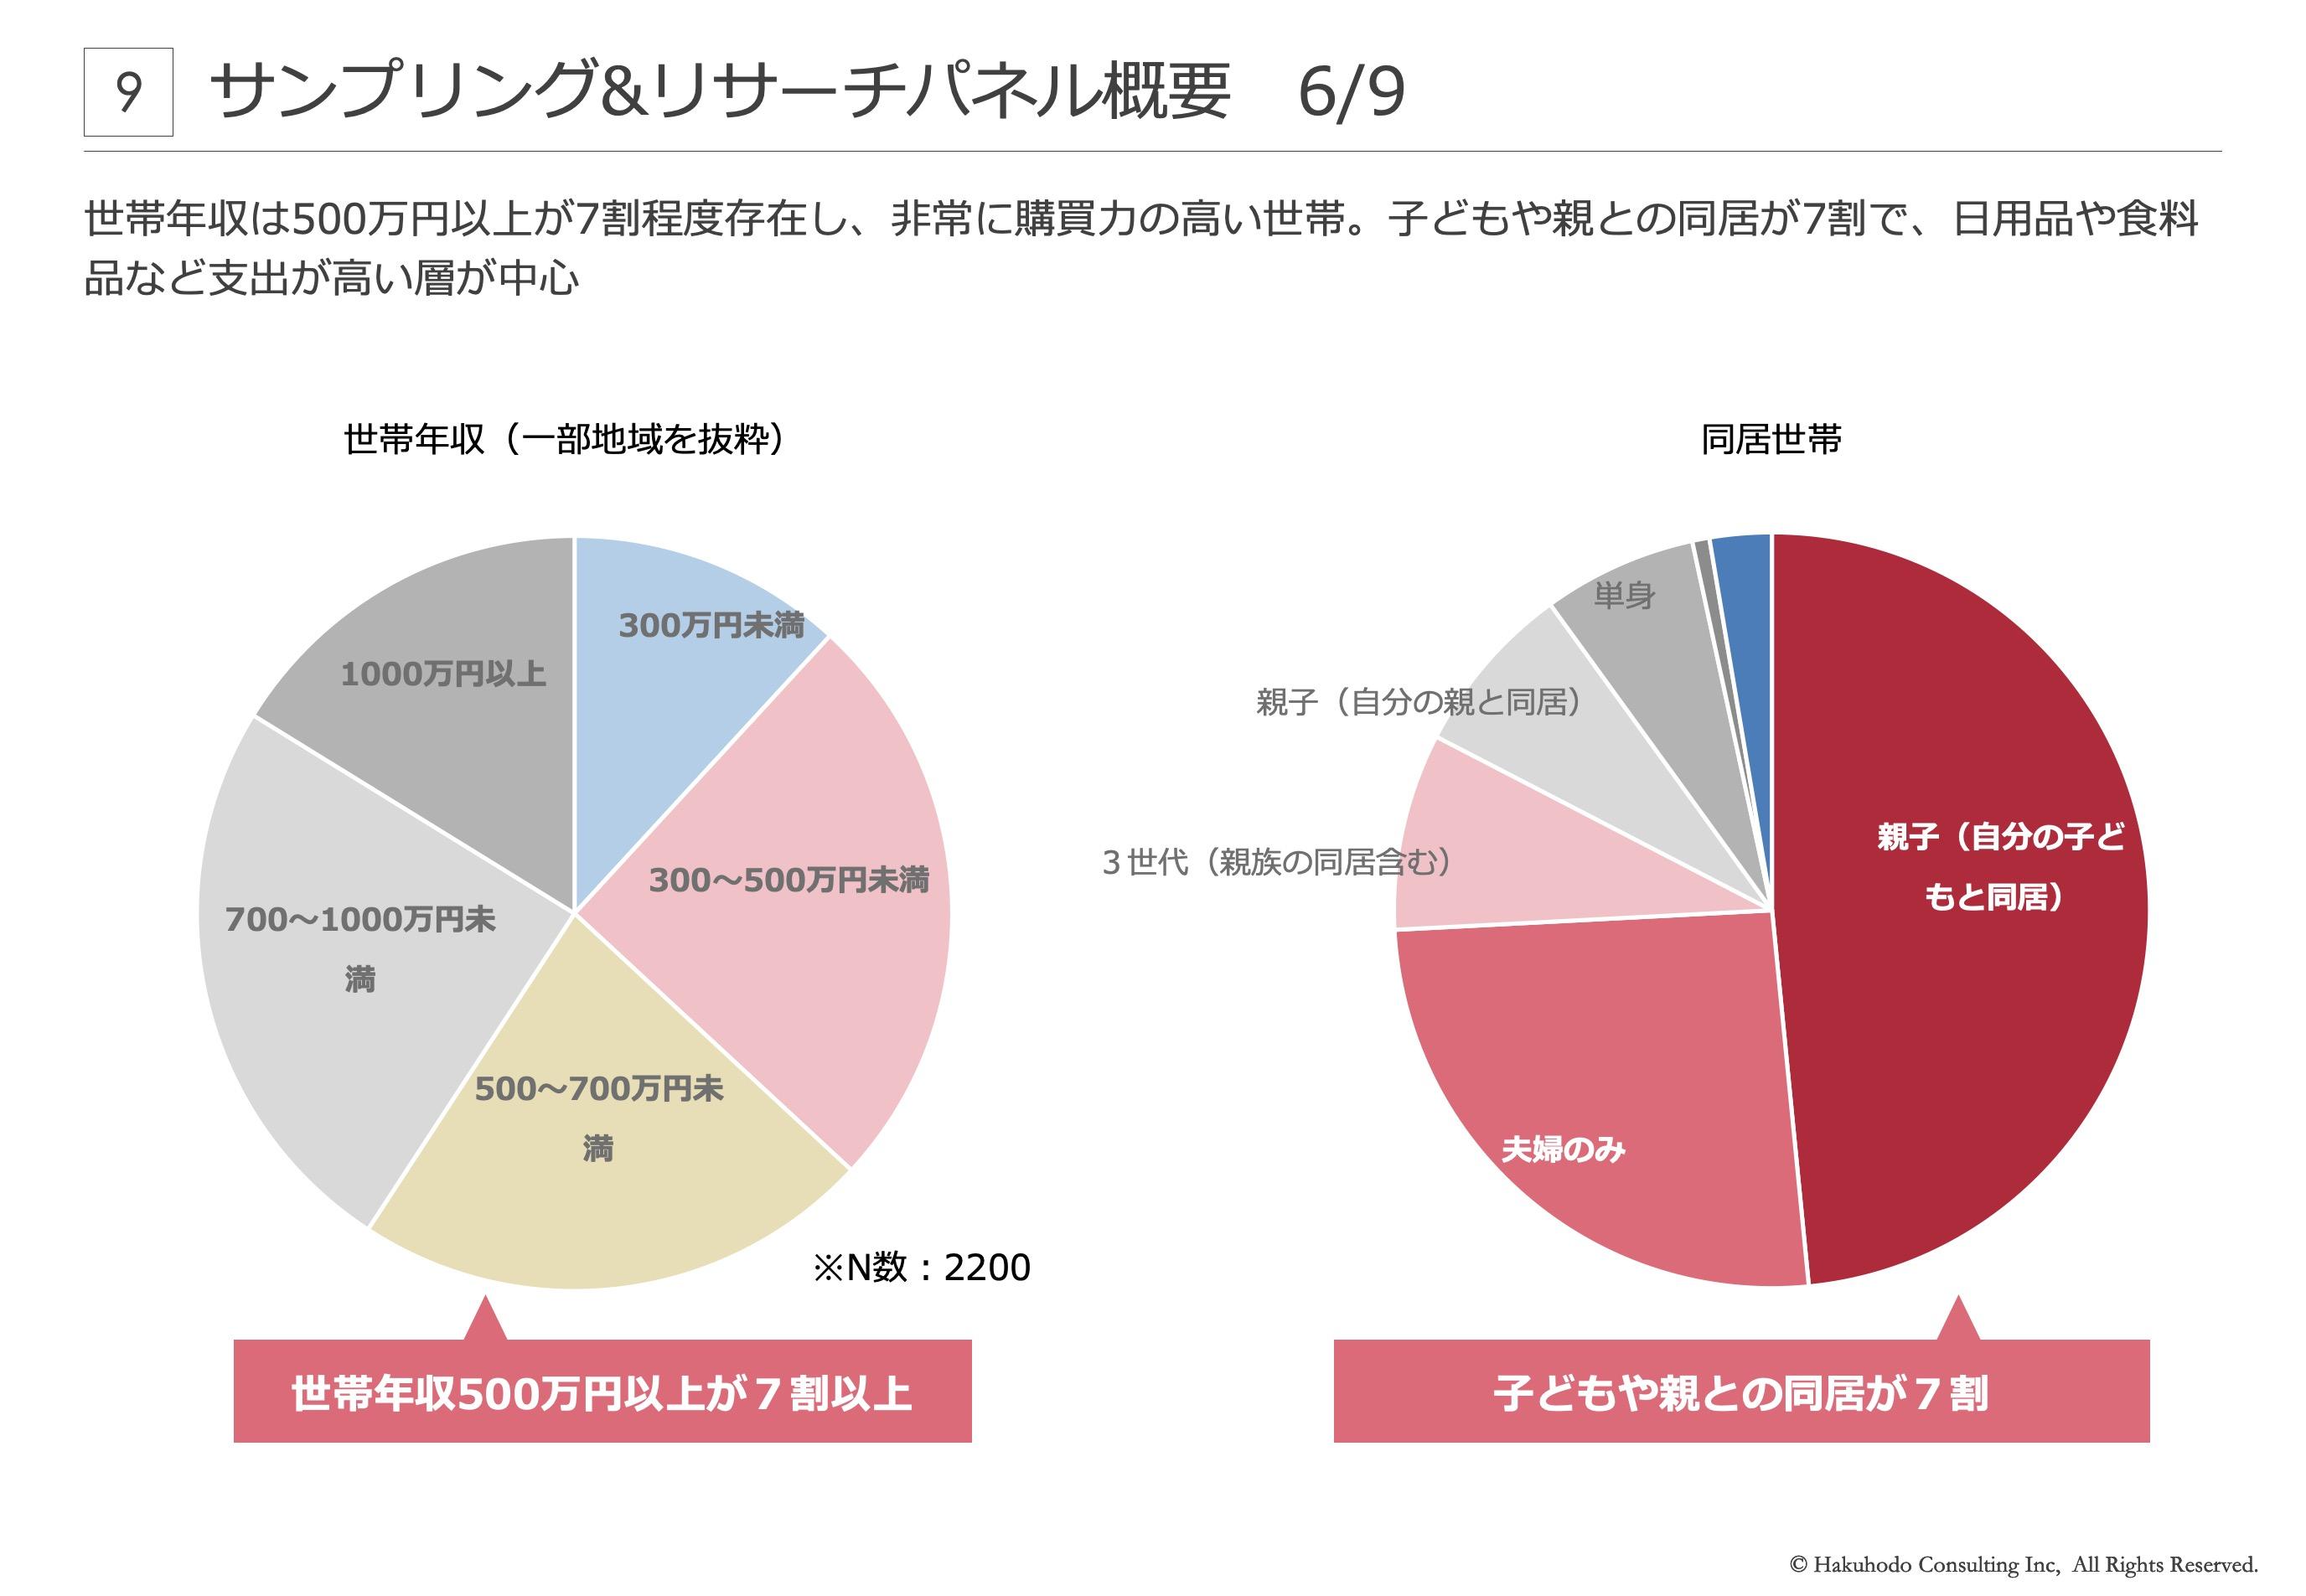 世帯年収は500万円以上が7割程度存在し、非常に購買力の高い世帯。子どもや親との同居が7割で、日用品や食料品など支出が高い層が中心